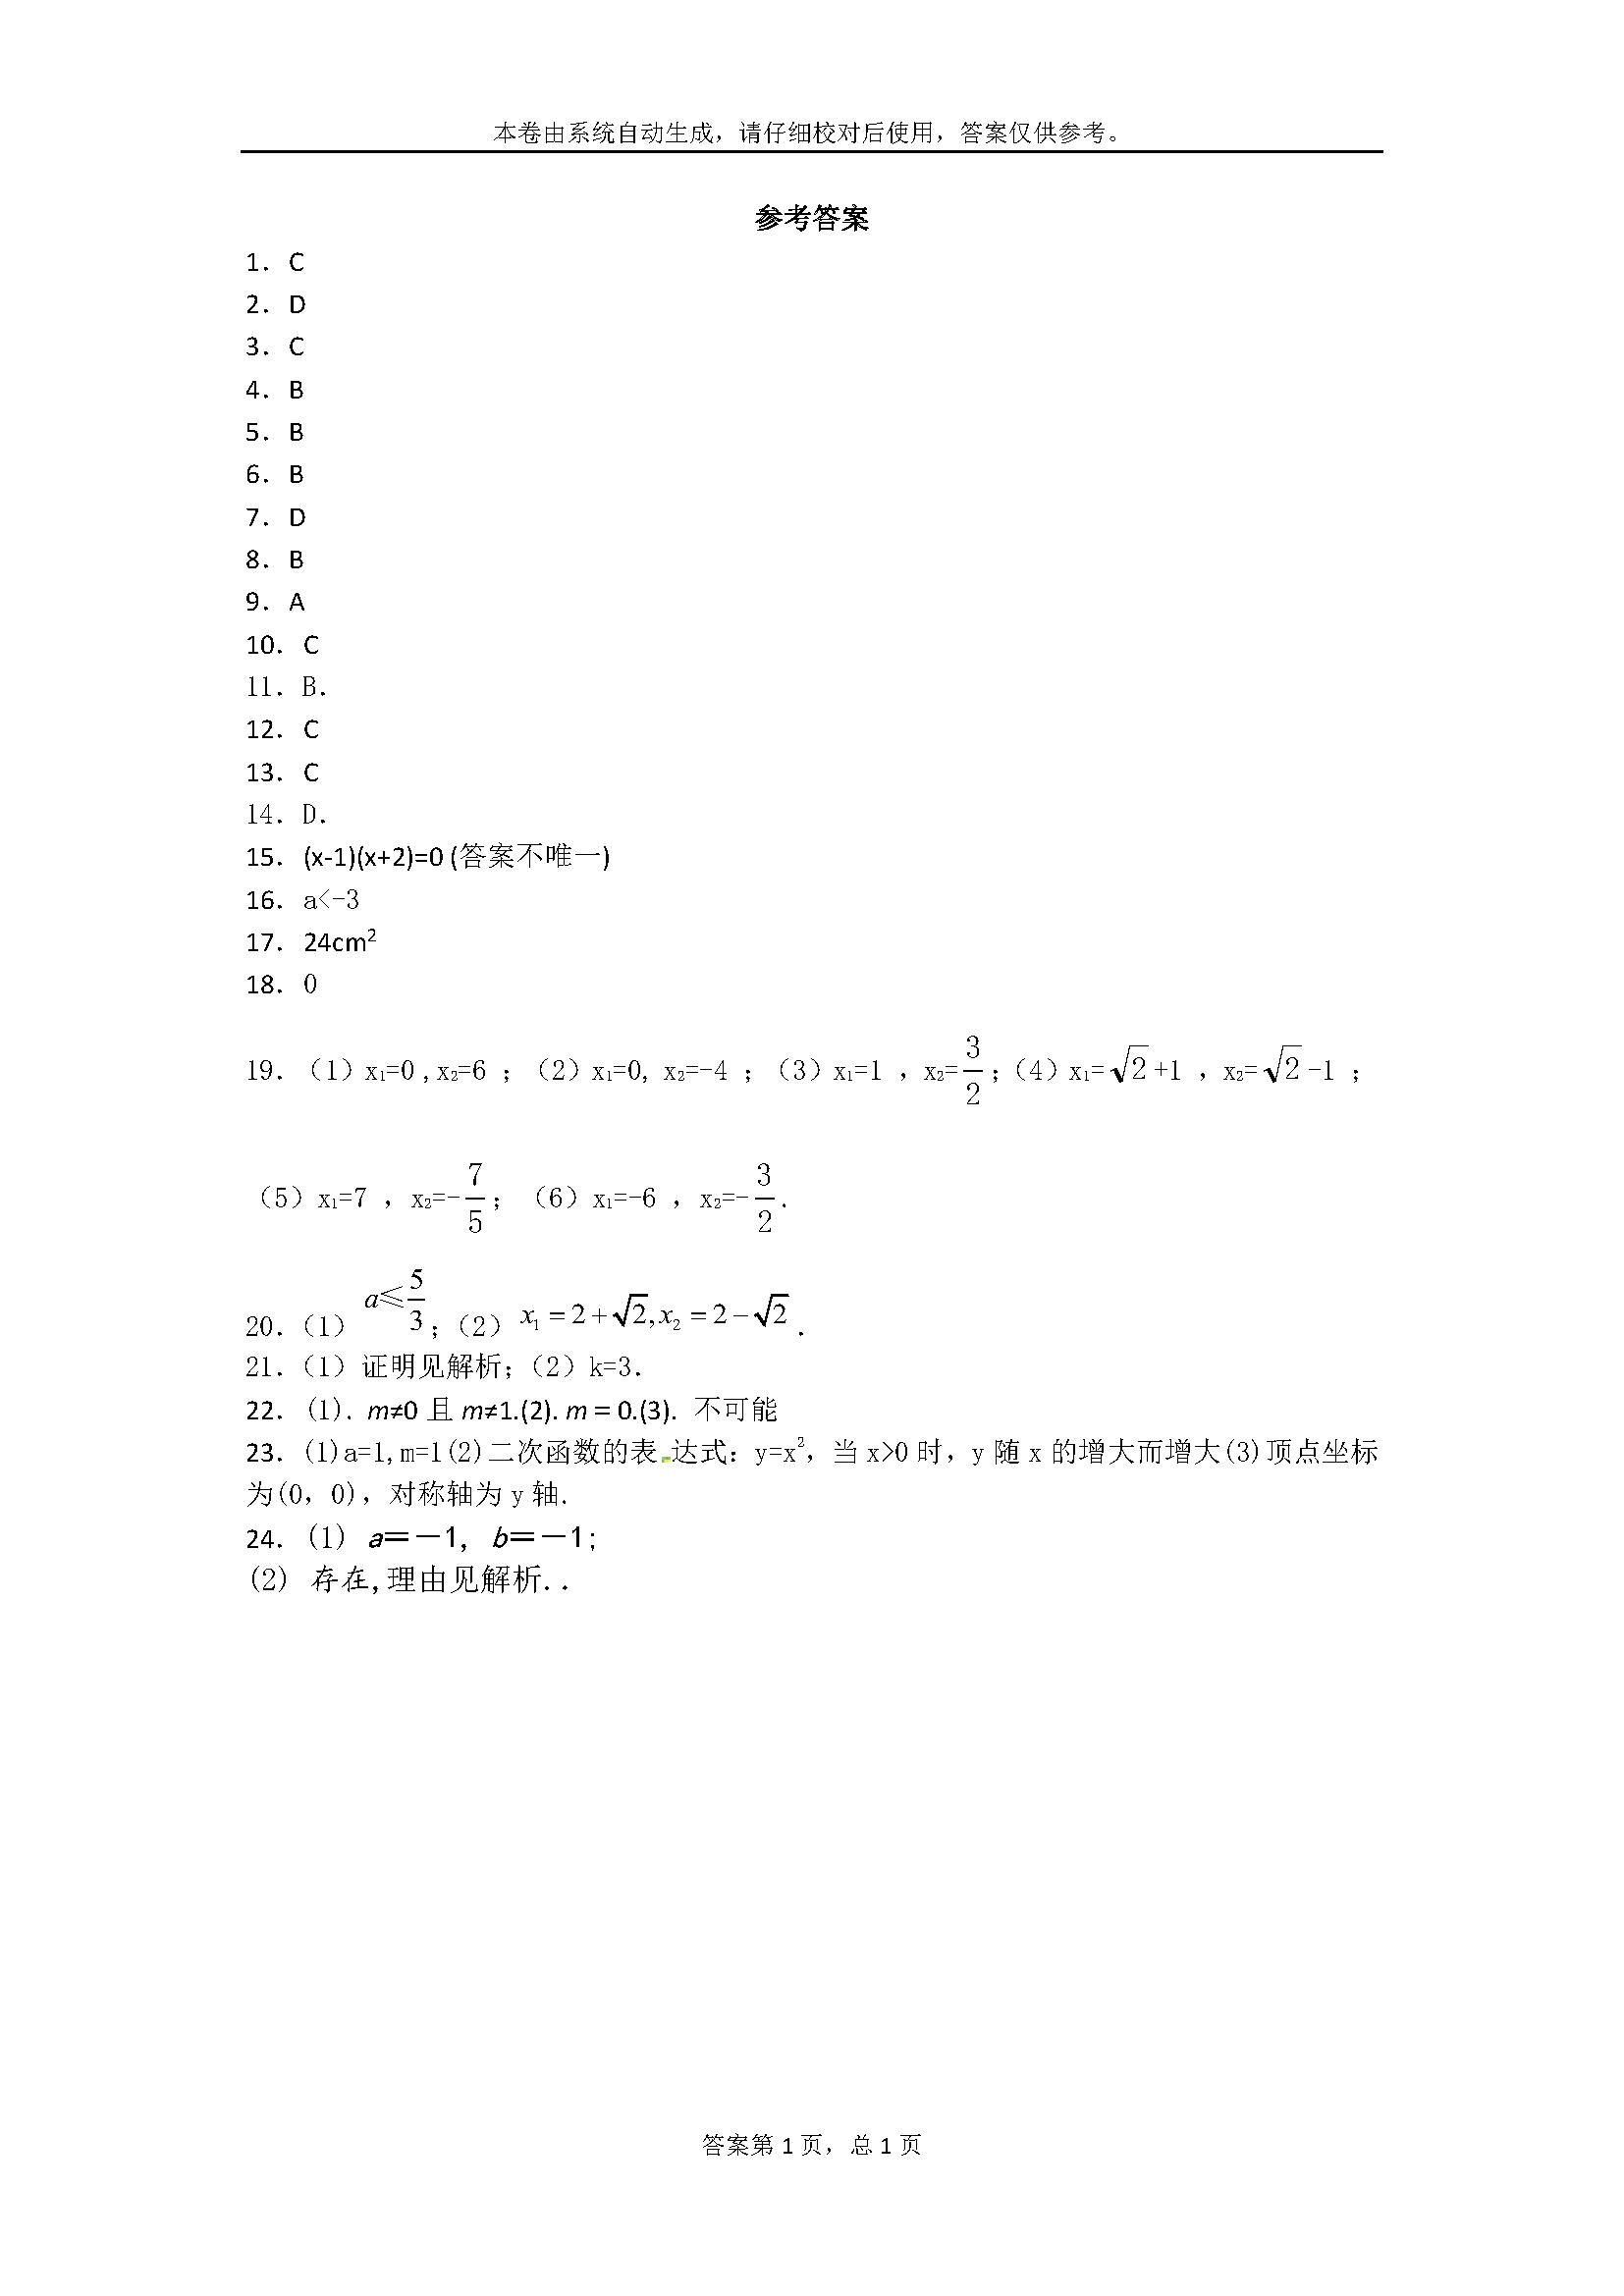 2018届海南东方铁路中学初三上数学月考试题答案(Word版)